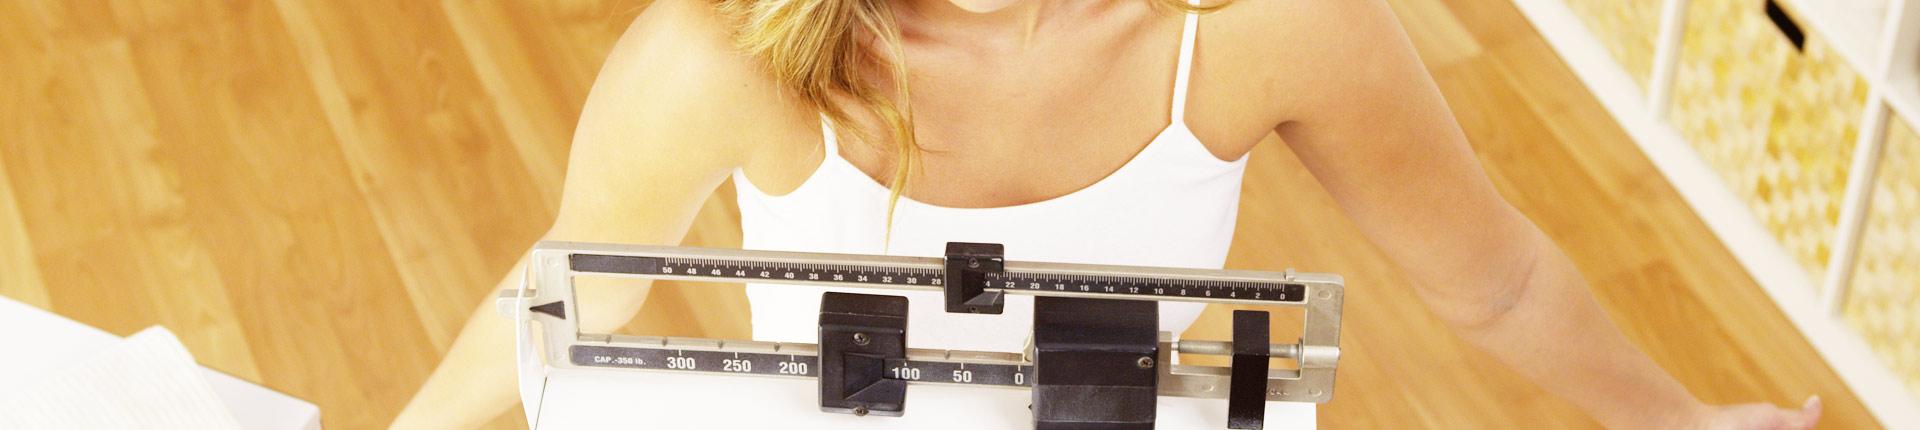 Jak prawidłowo ważyć się i interpretować zmiany wagi?